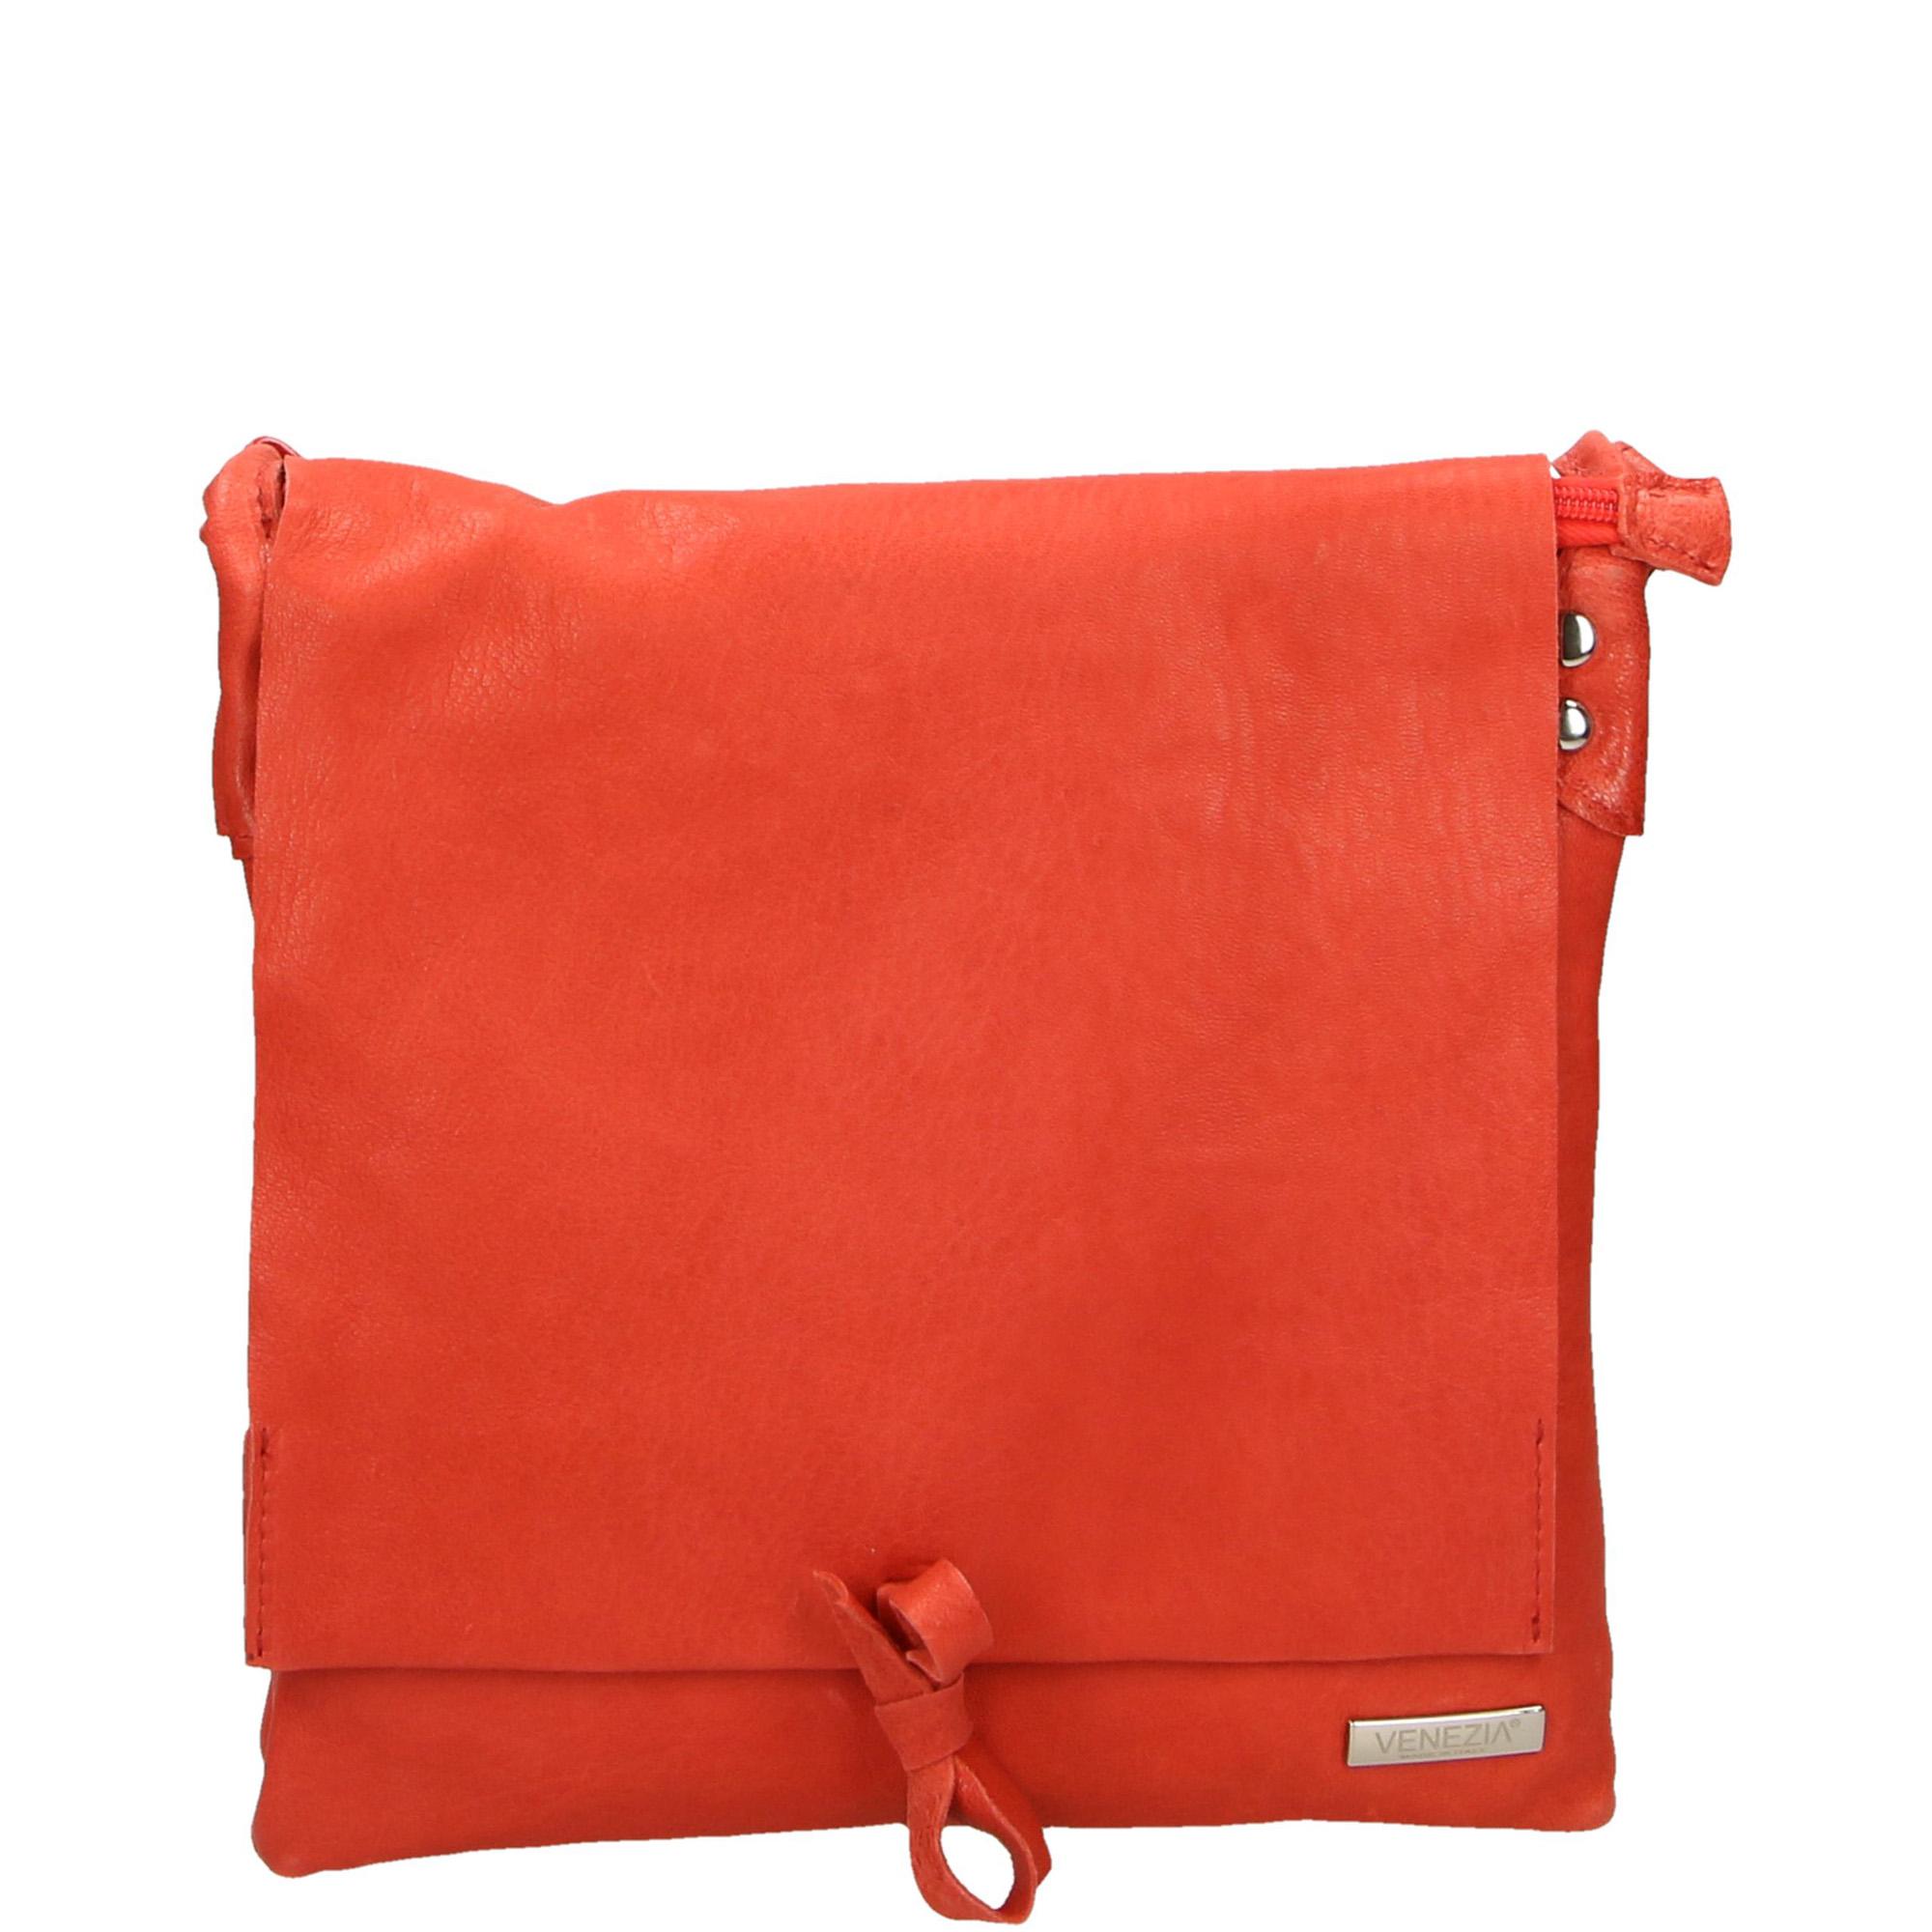 5d902481d1852 torebki i torby venezia czerwona listonoszka z długim paskiem - s2419b tex  ro - venezia